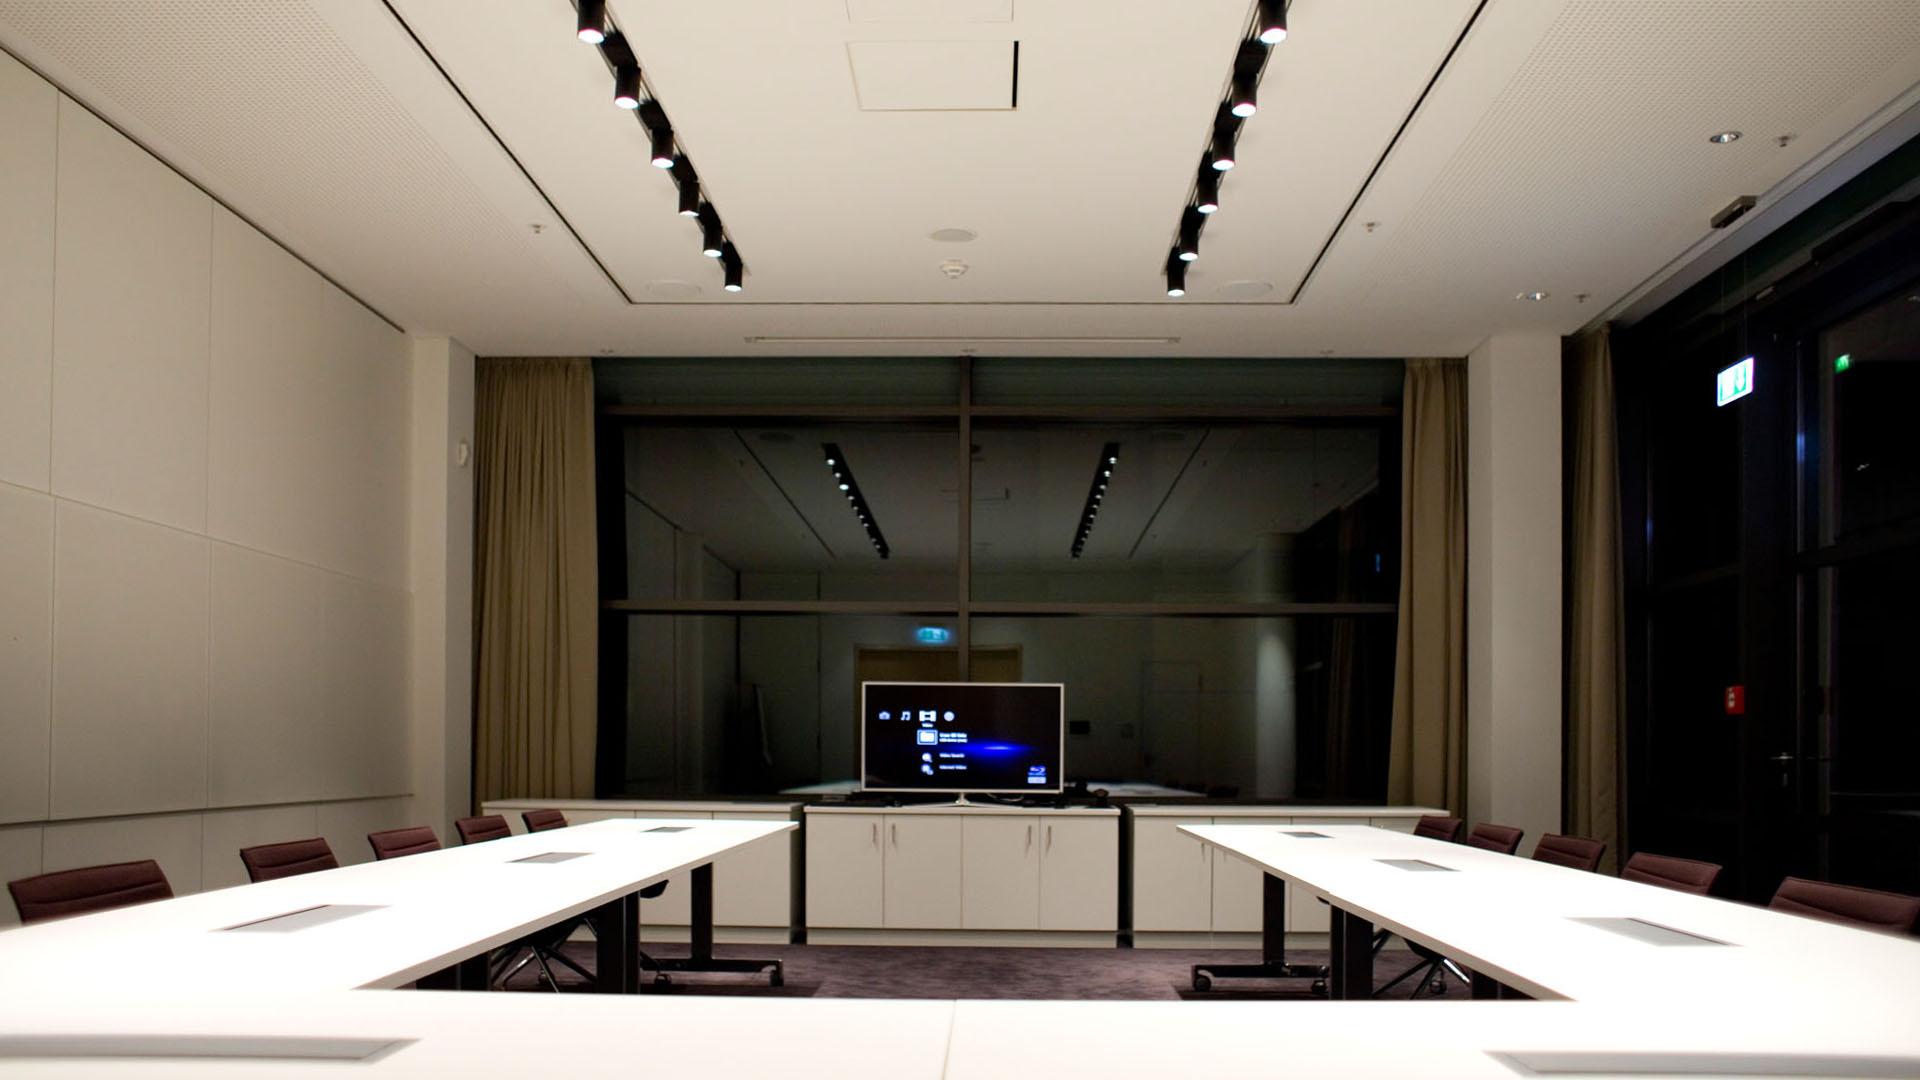 MAASS-Lichtplanung_Planung von Konferenzräumen__MAASS-Skylight-Konferenz-004